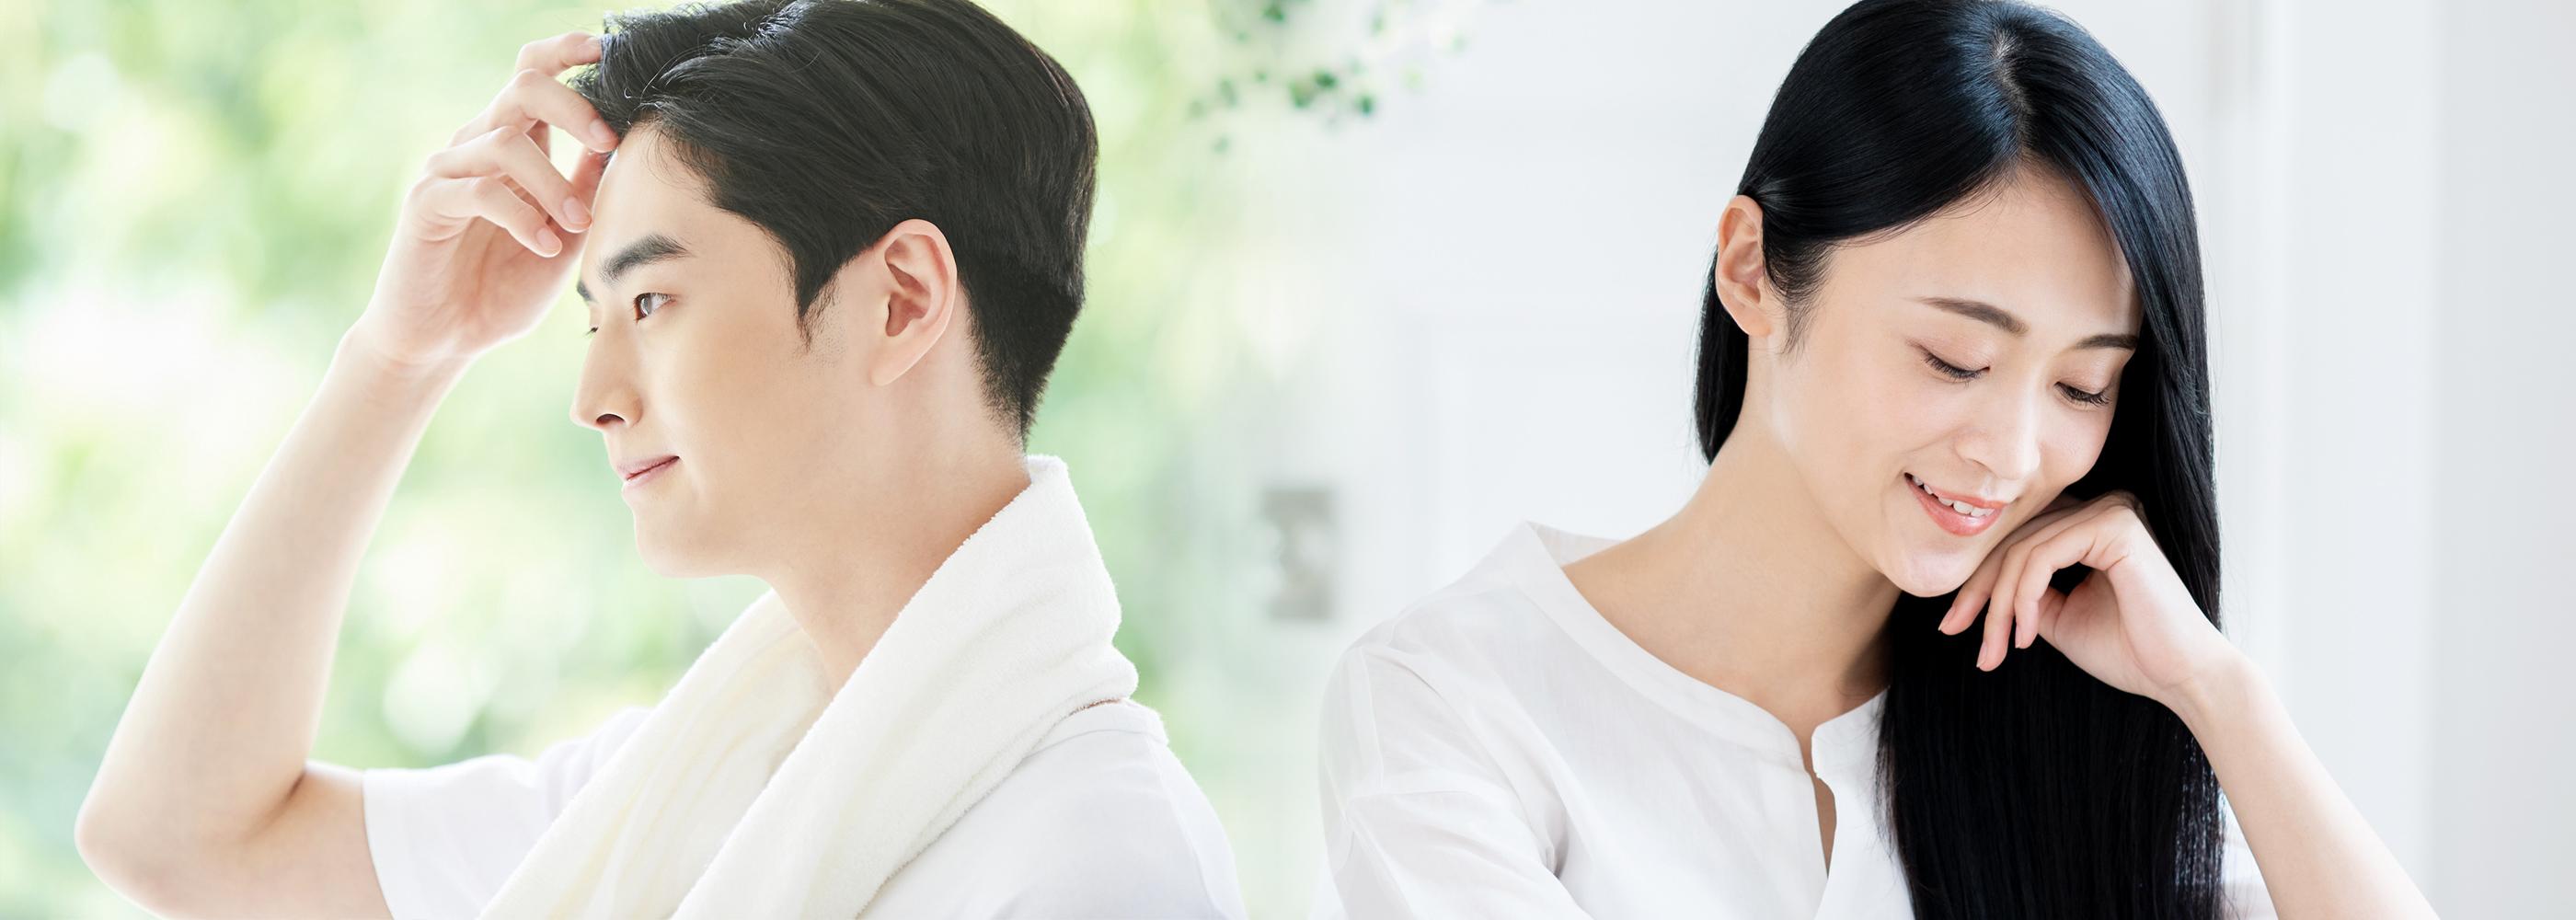 総合毛髪治療